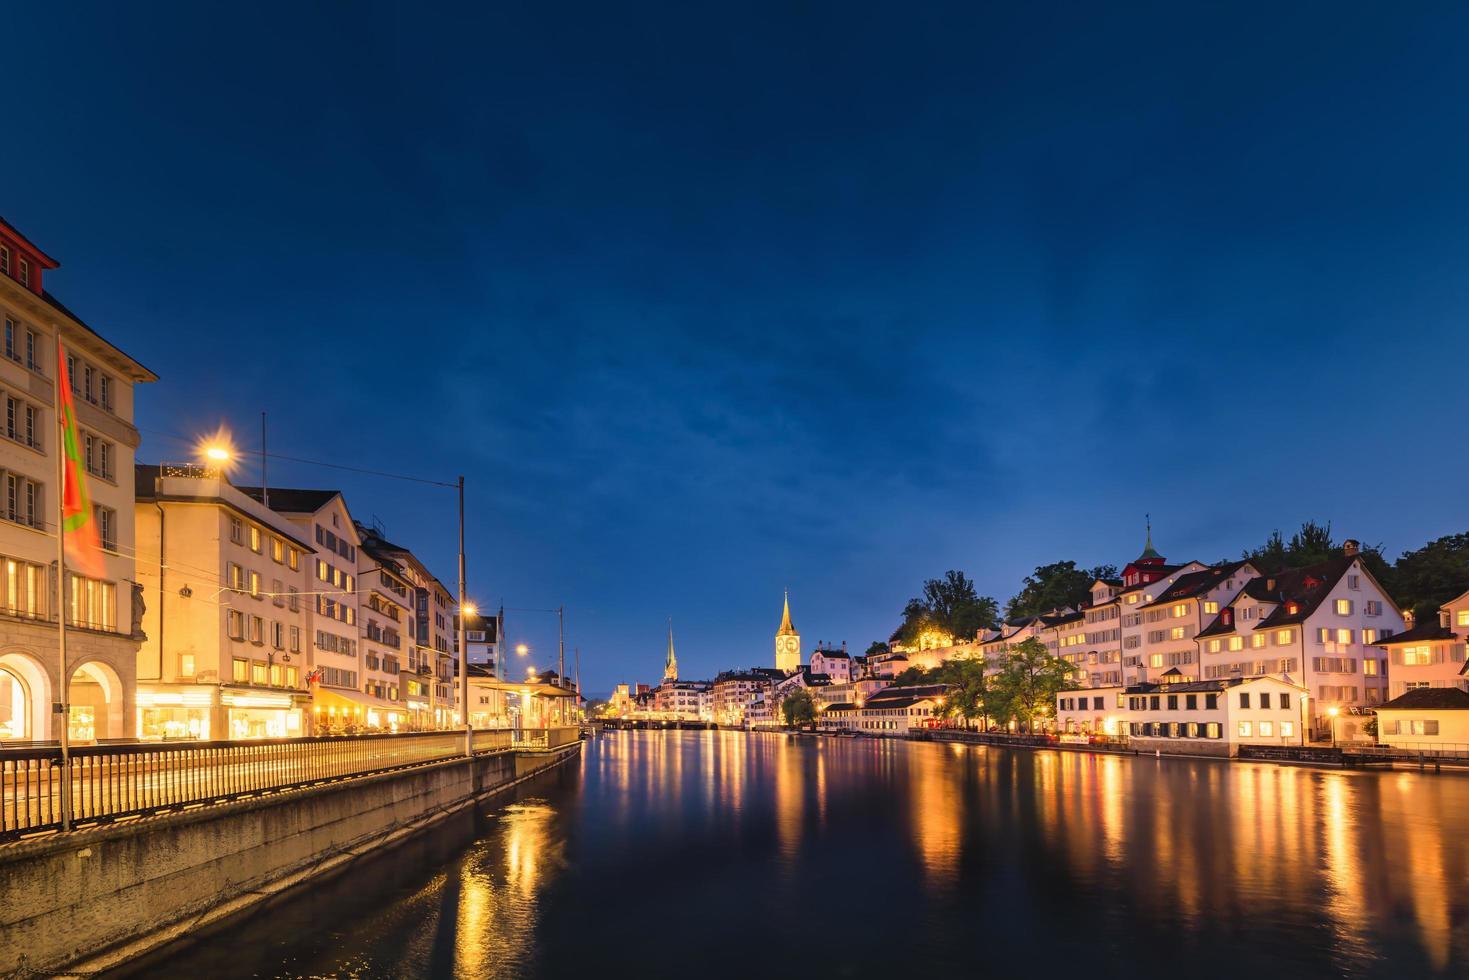 paesaggio urbano di Zurigo, Svizzera foto